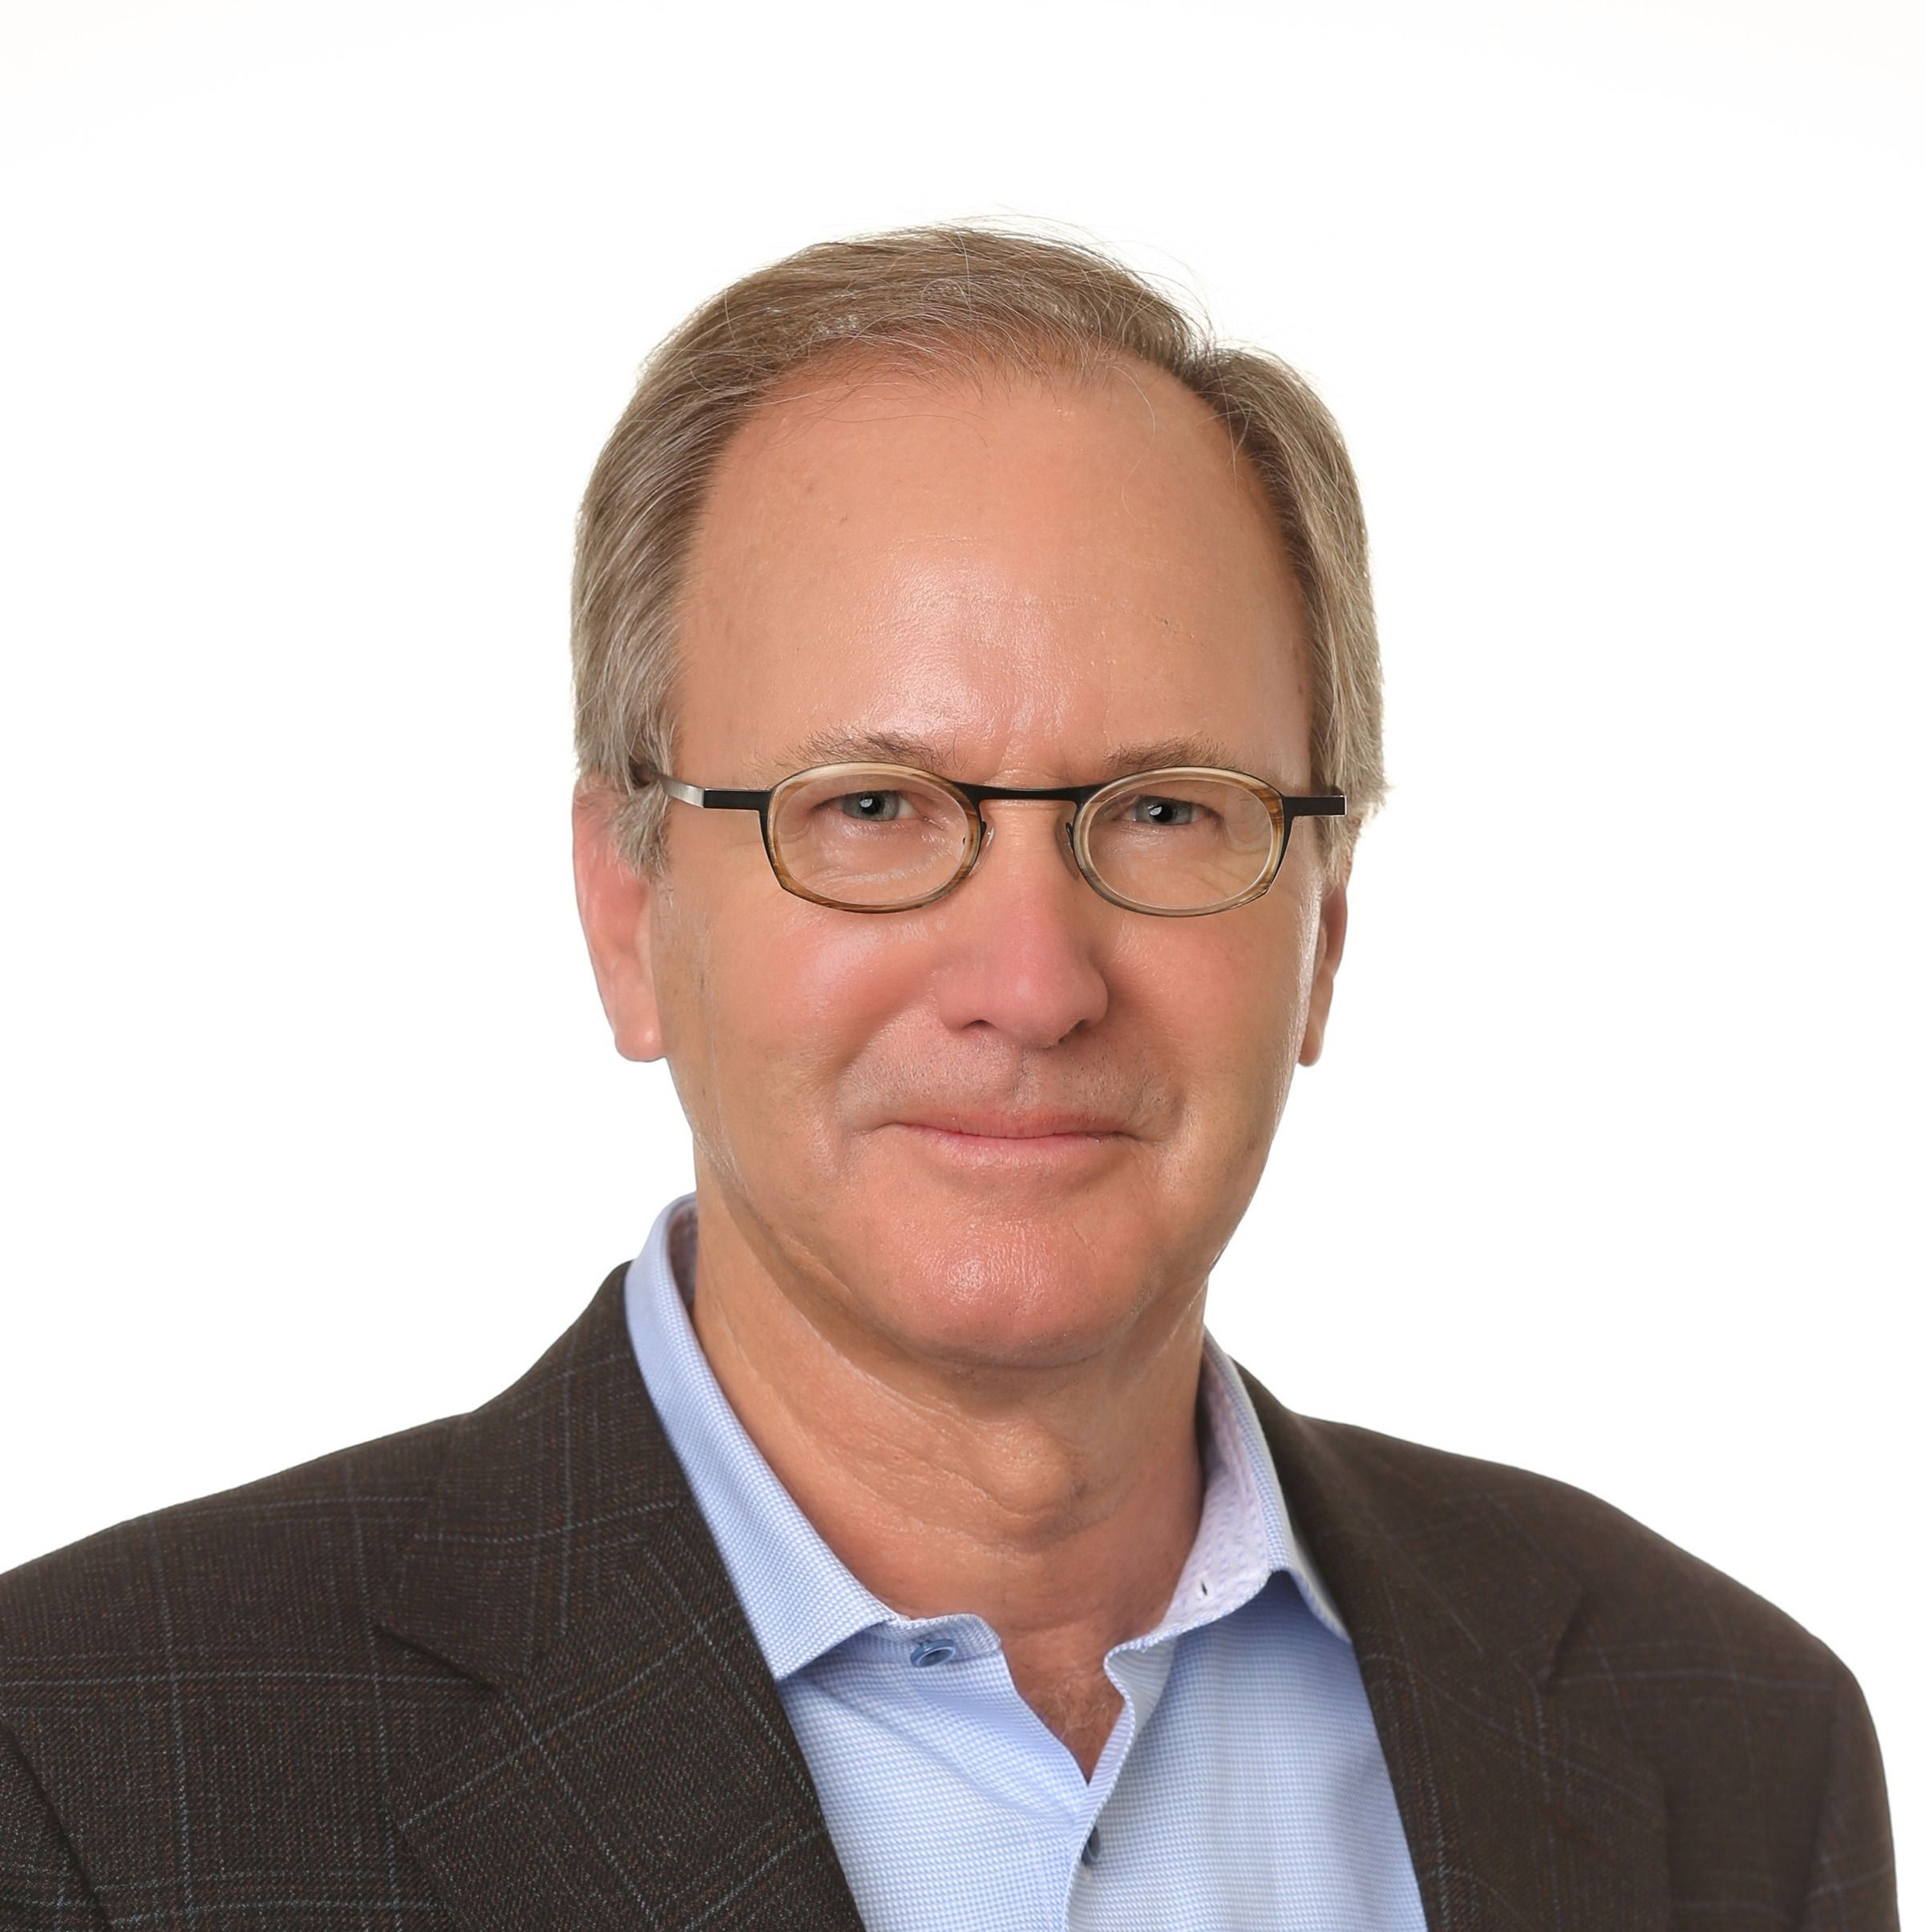 Daniel W. Terpsma